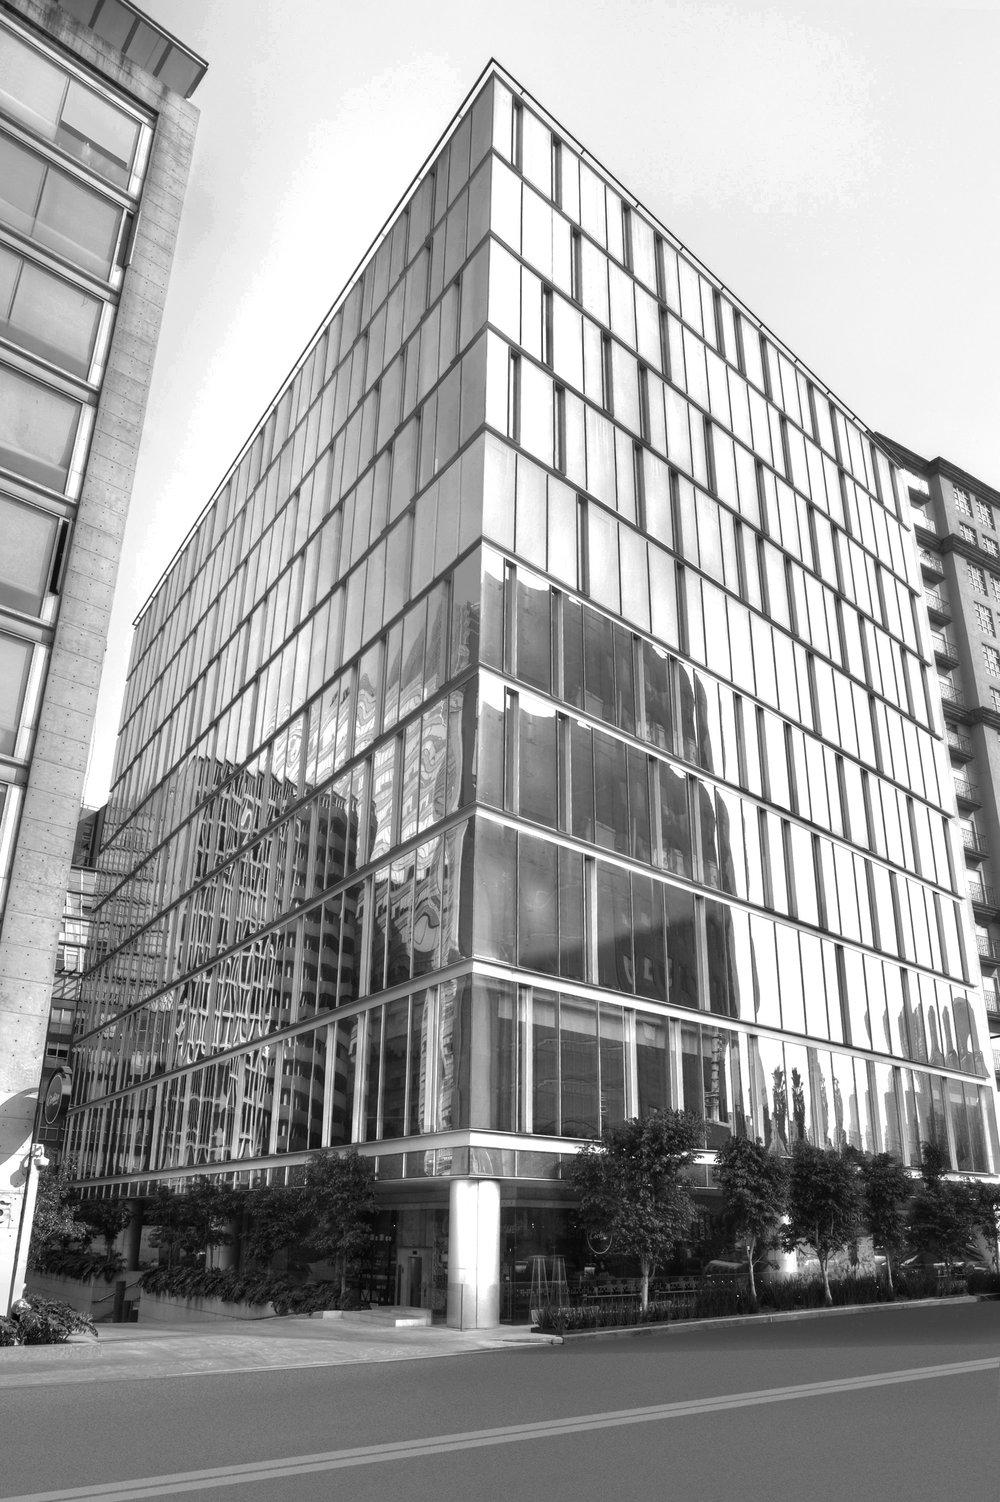 Lomas Cantabria | Lomas de Chapultepec PROYECTO Renta de Oficinas en el corredor más importante de Lomas de Chapultepec en edificio inteligente y sustentable de 10 niveles, área comercial y 8 sótanos de estacionamiento. En proceso de certificación Leed. SERVICIOS Oficinas y Restaurantes